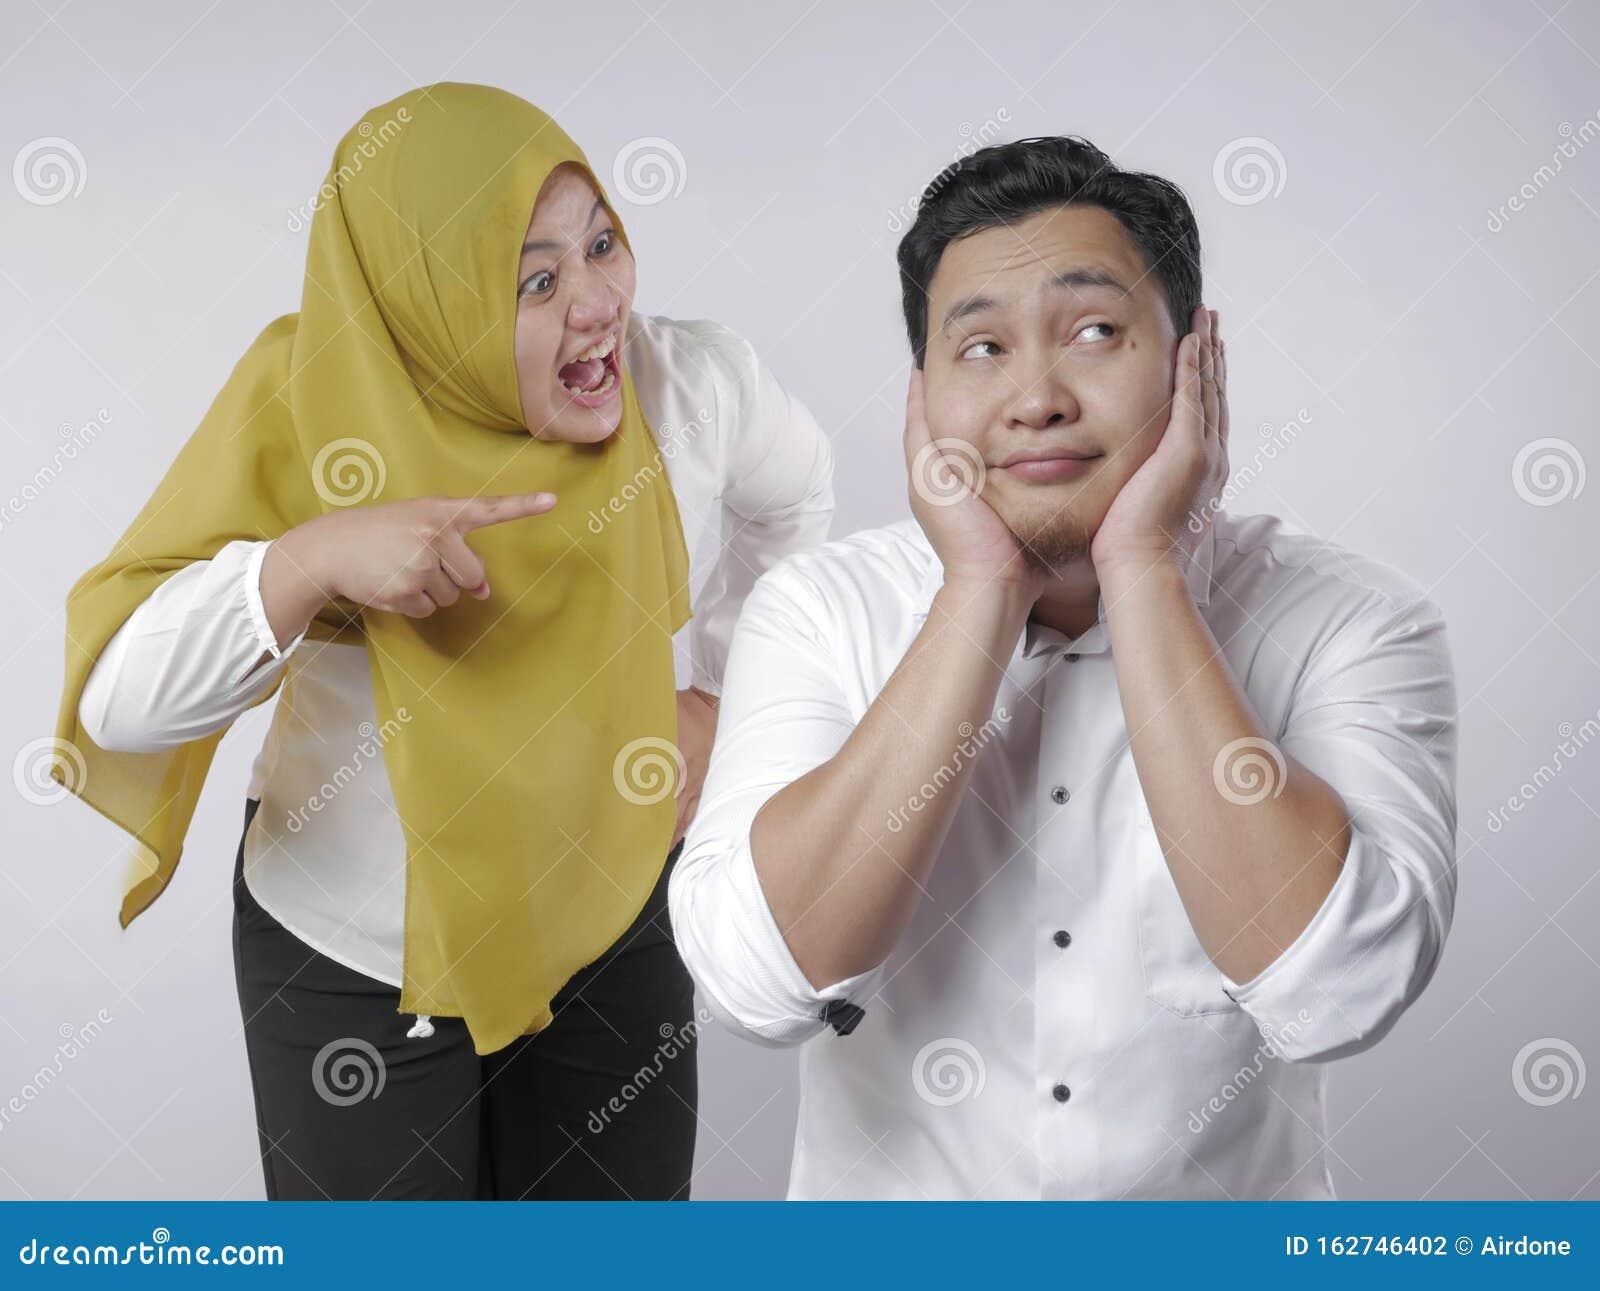 Ehemann Freund Geben Ehefrau